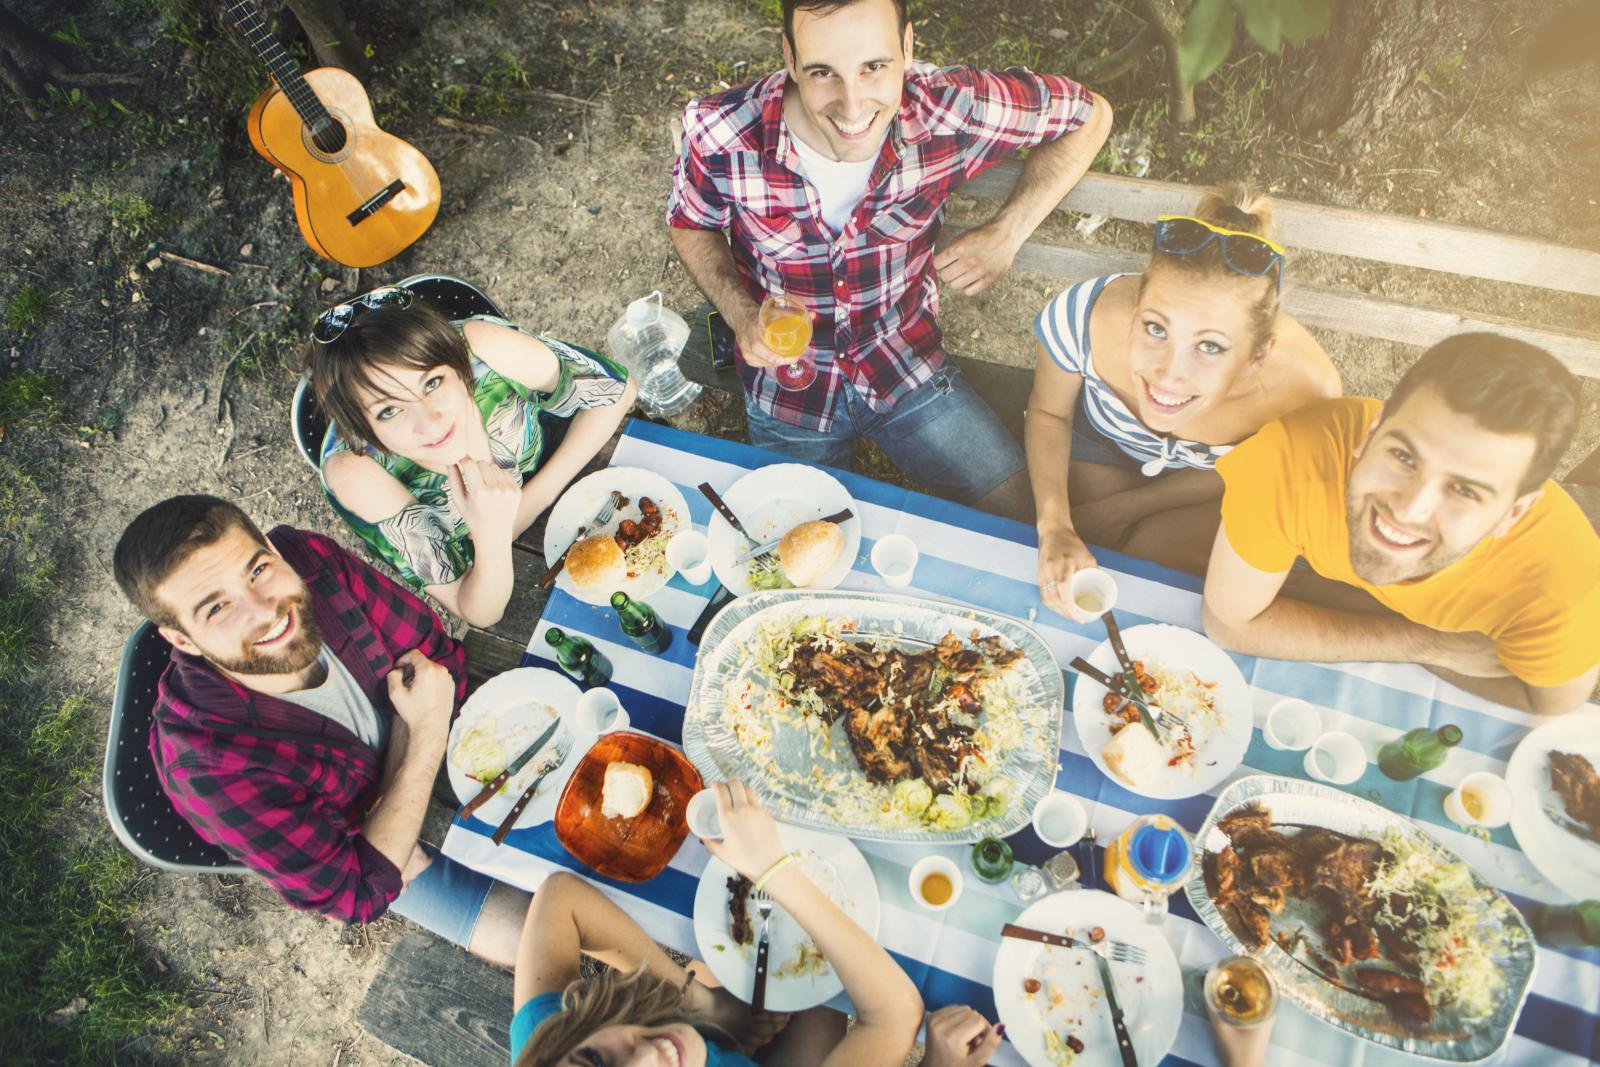 Ne znamo znate li, ali gotovo je sigurno - što više hrane serviramo na tanjur, to ćemo više i pojesti.